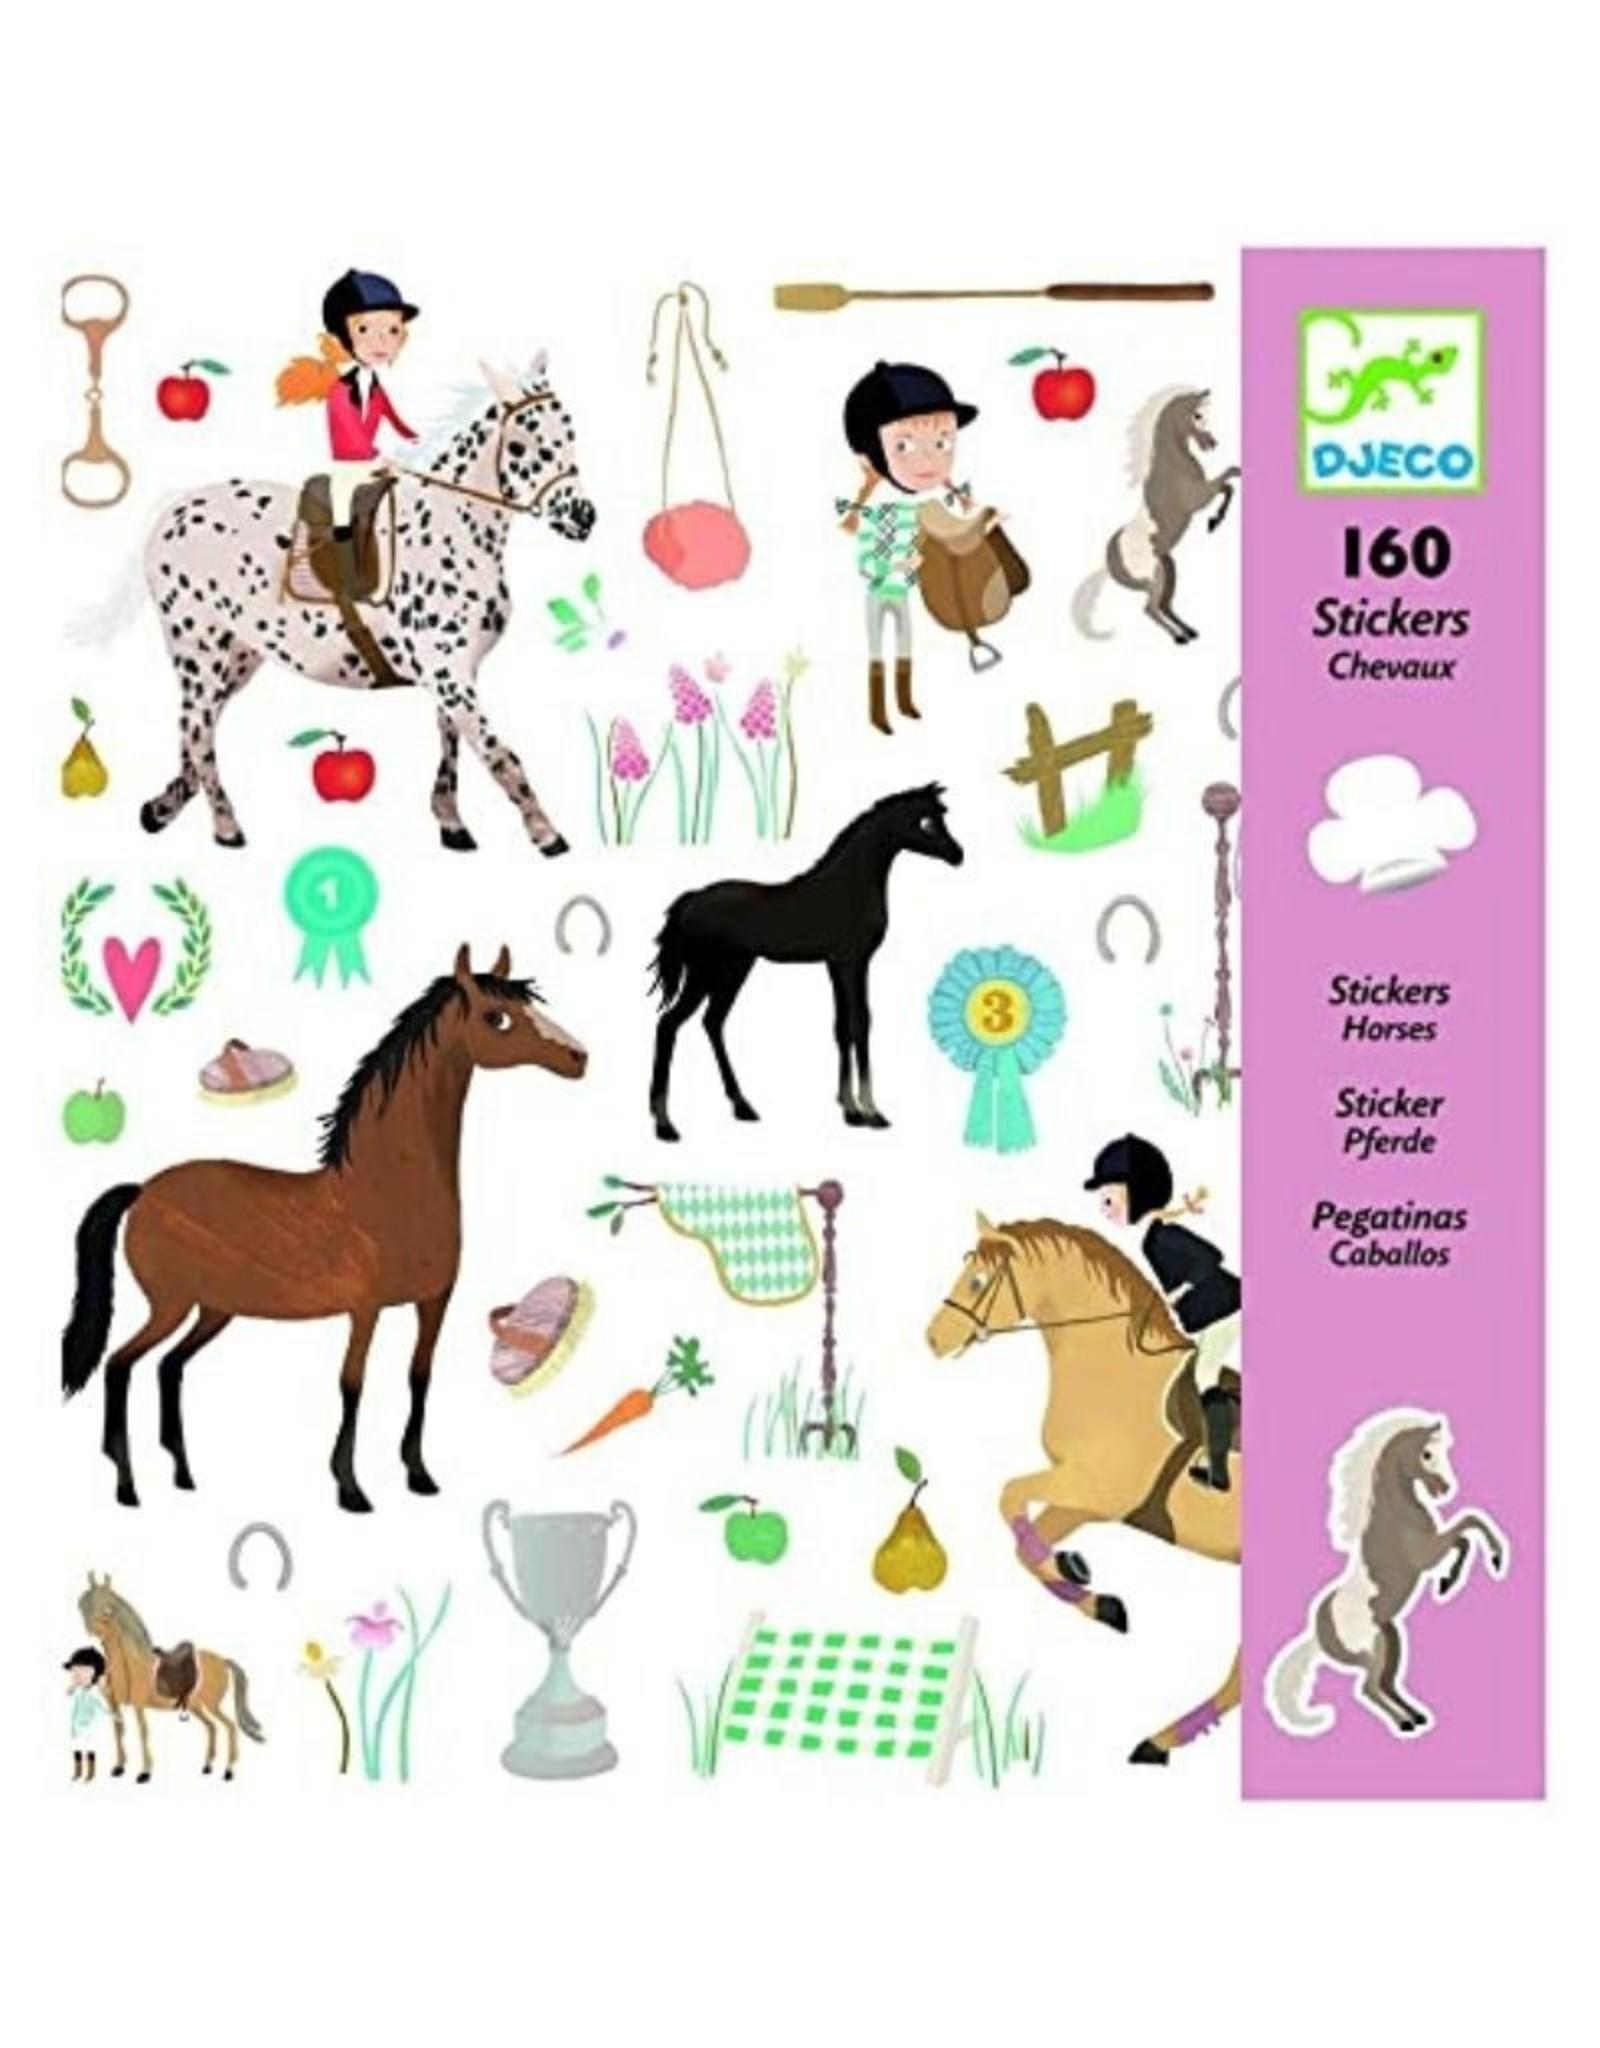 Djeco Stickers Horses